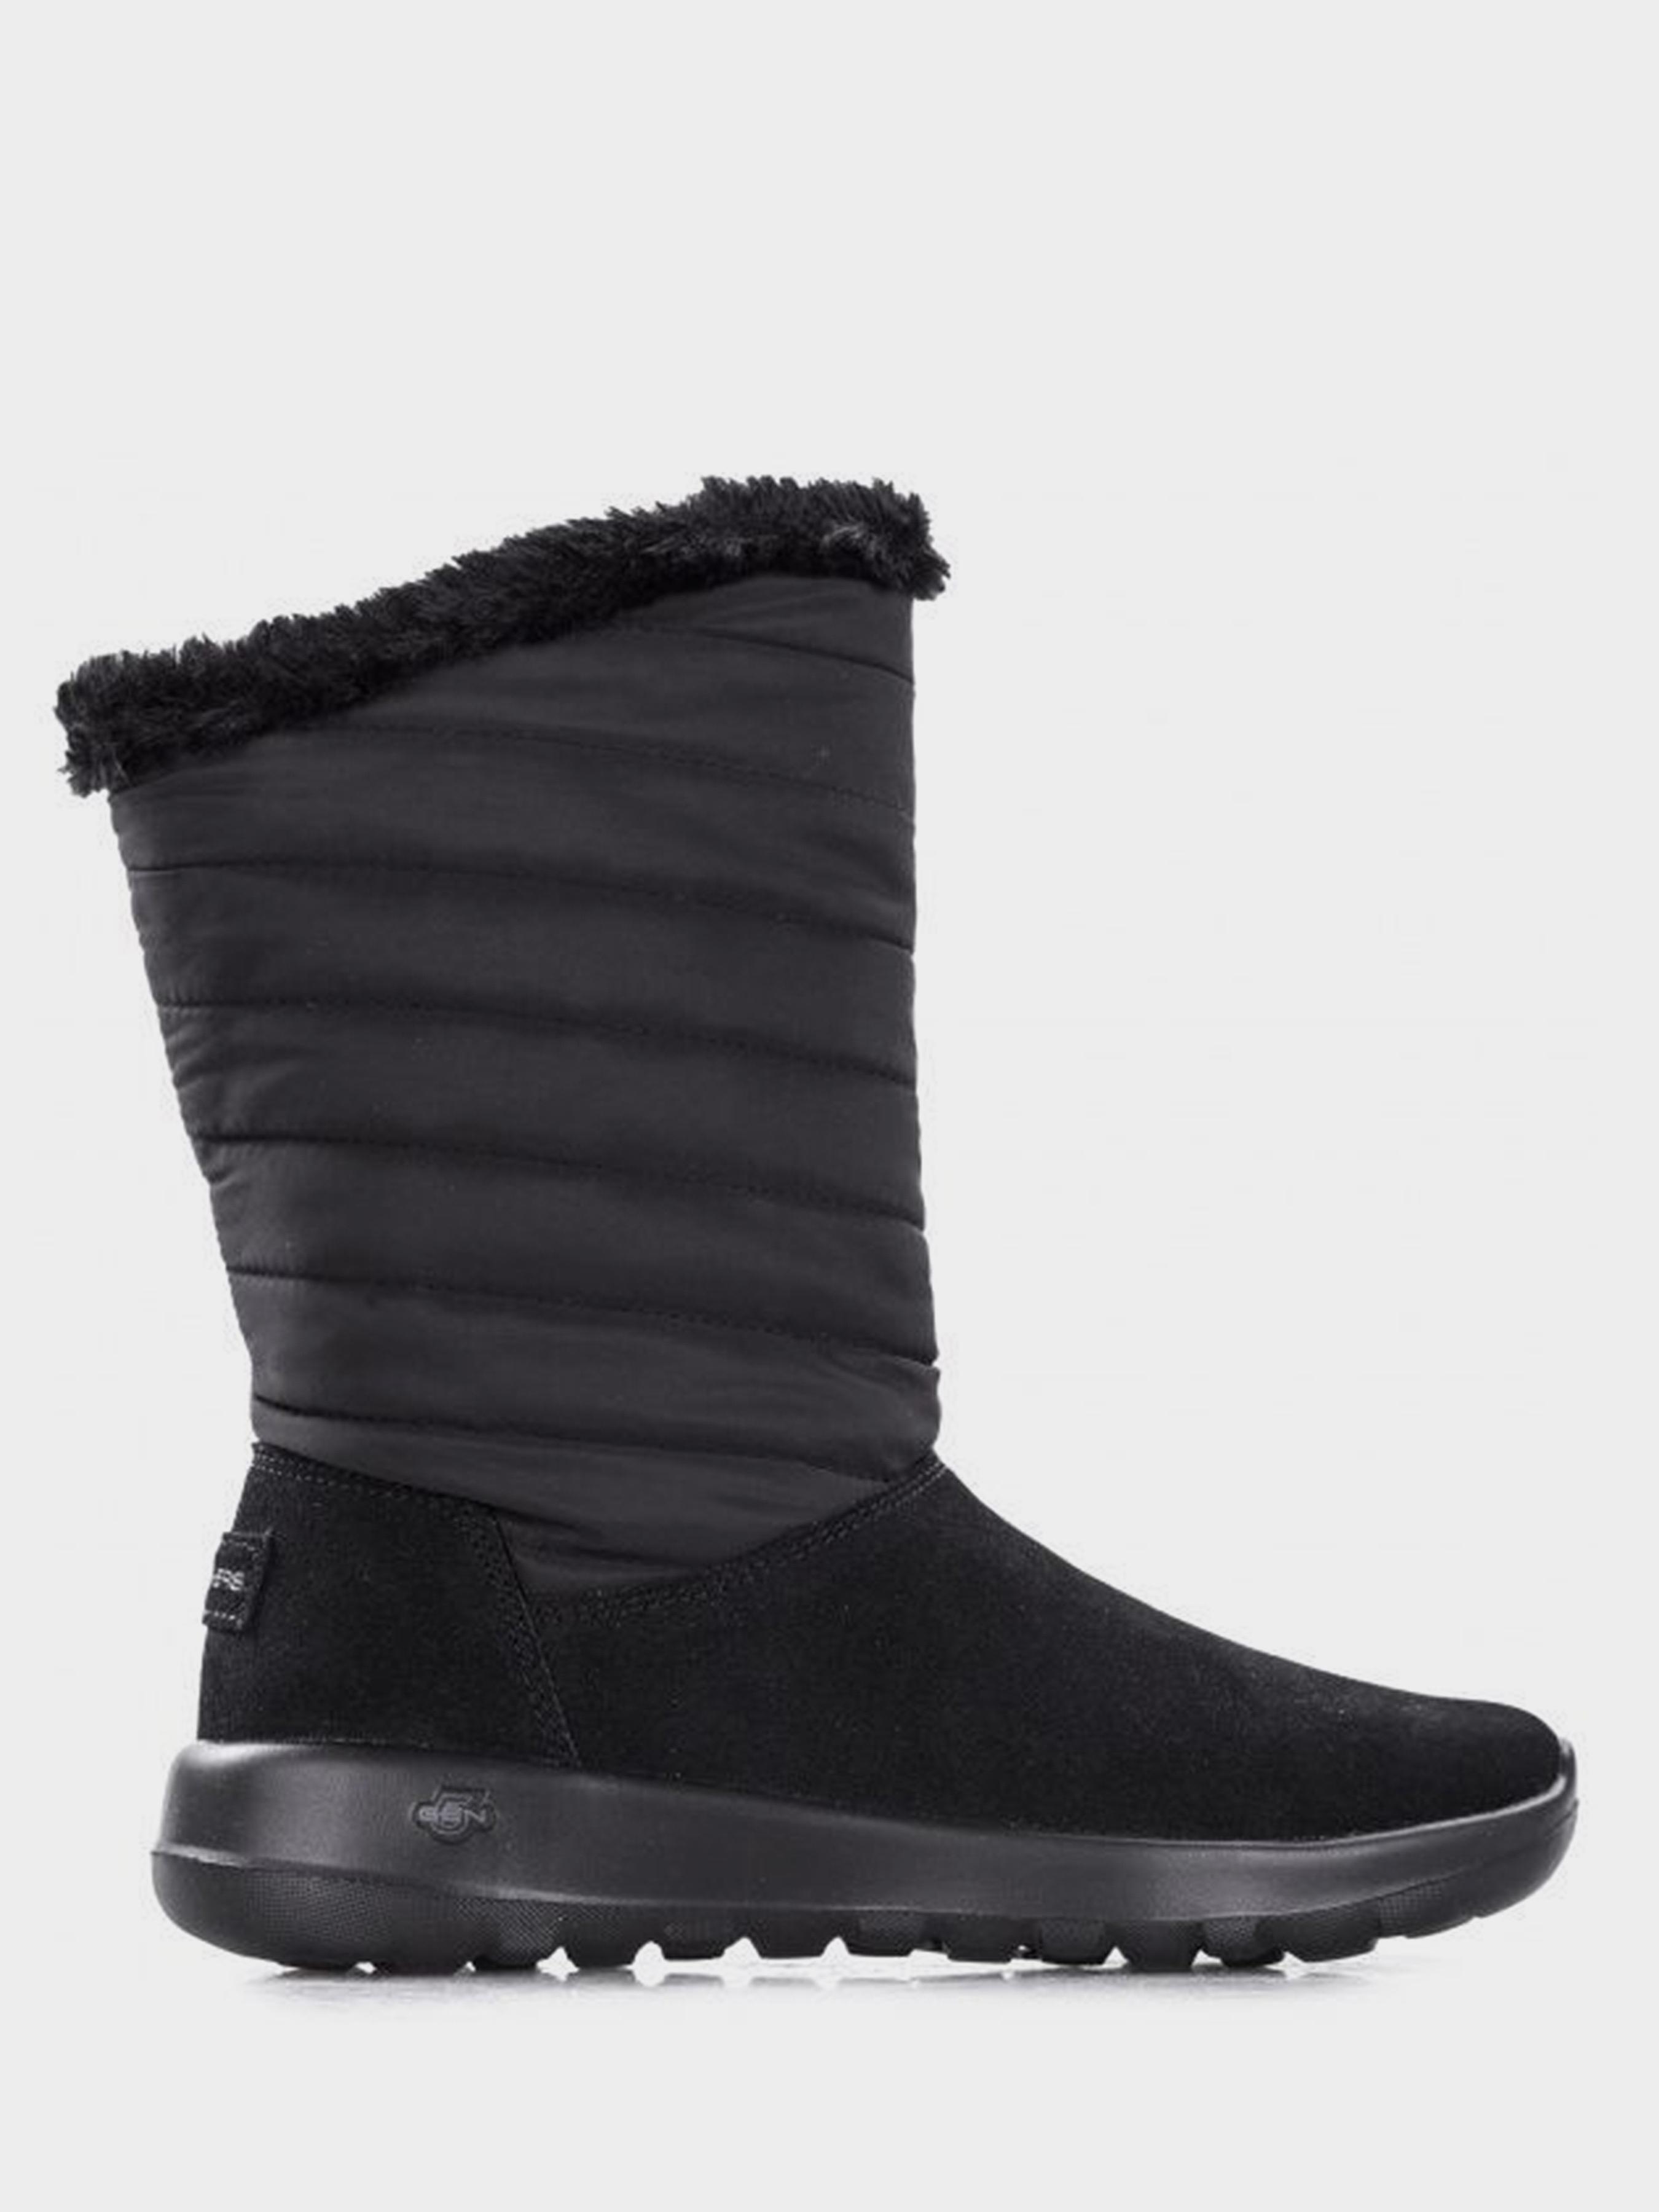 Купить Сапоги для женщин Skechers KW4658, Черный